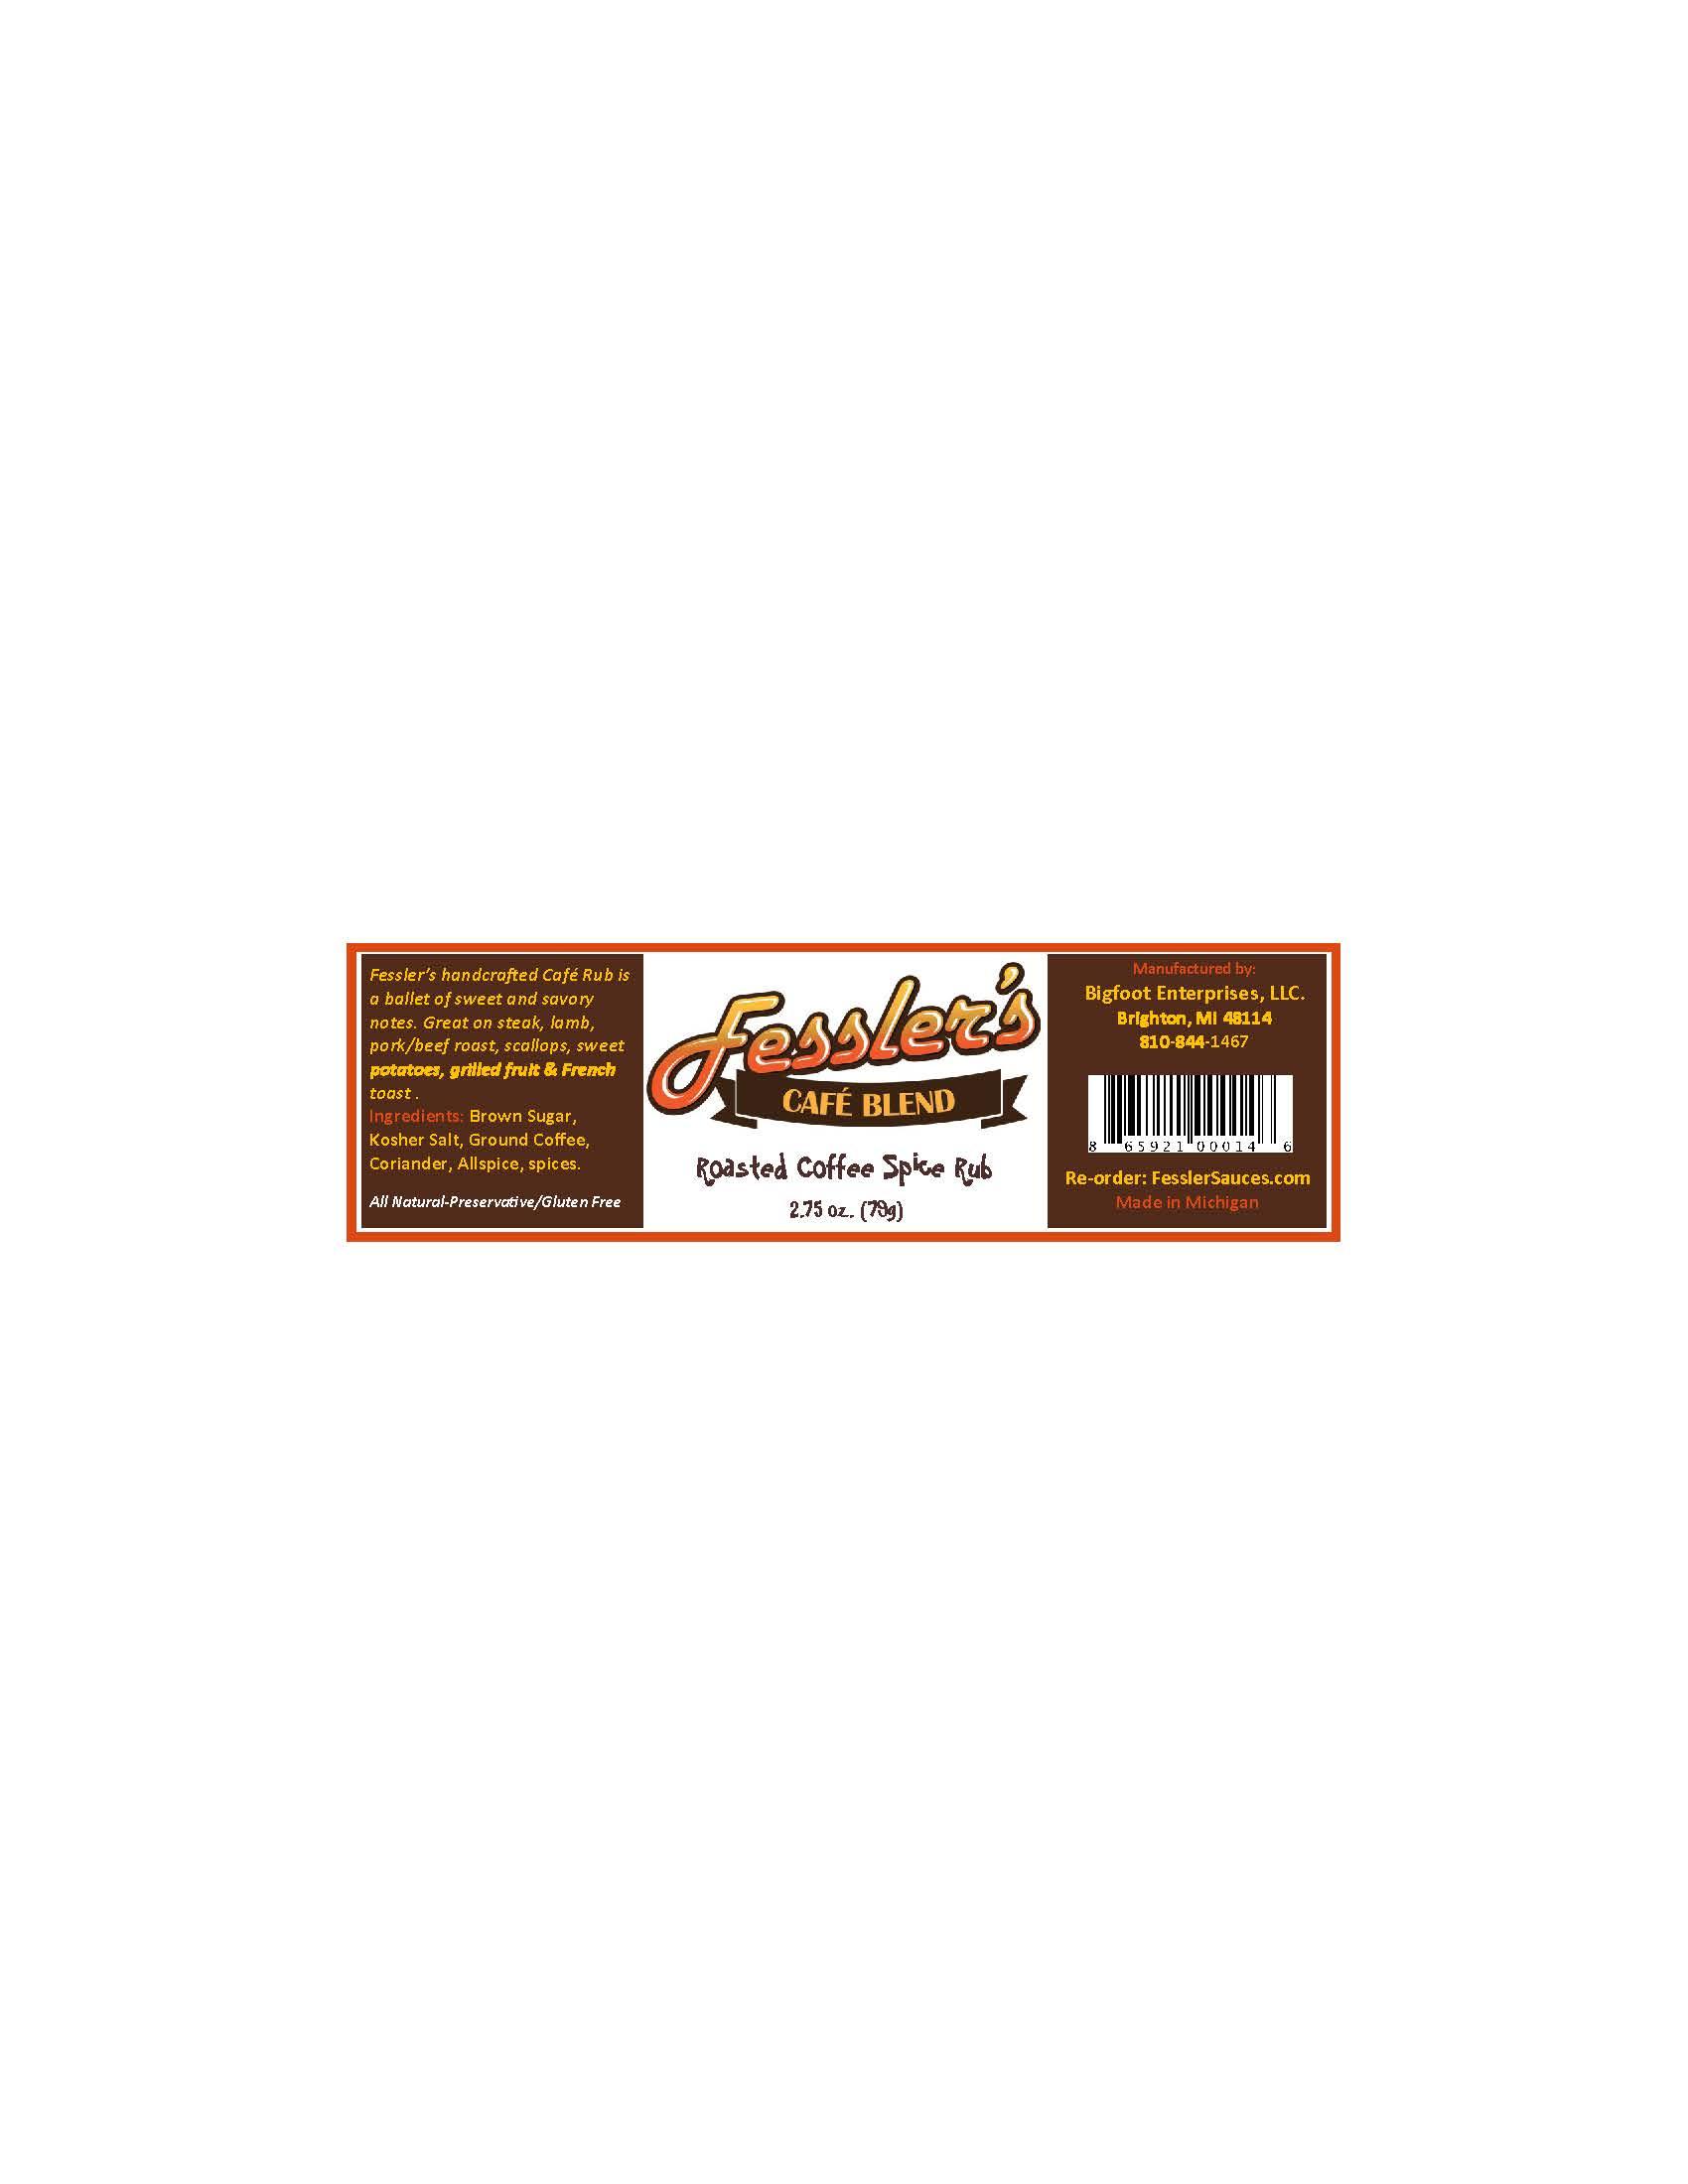 Spice Blend Gift Box Set-Fessler's